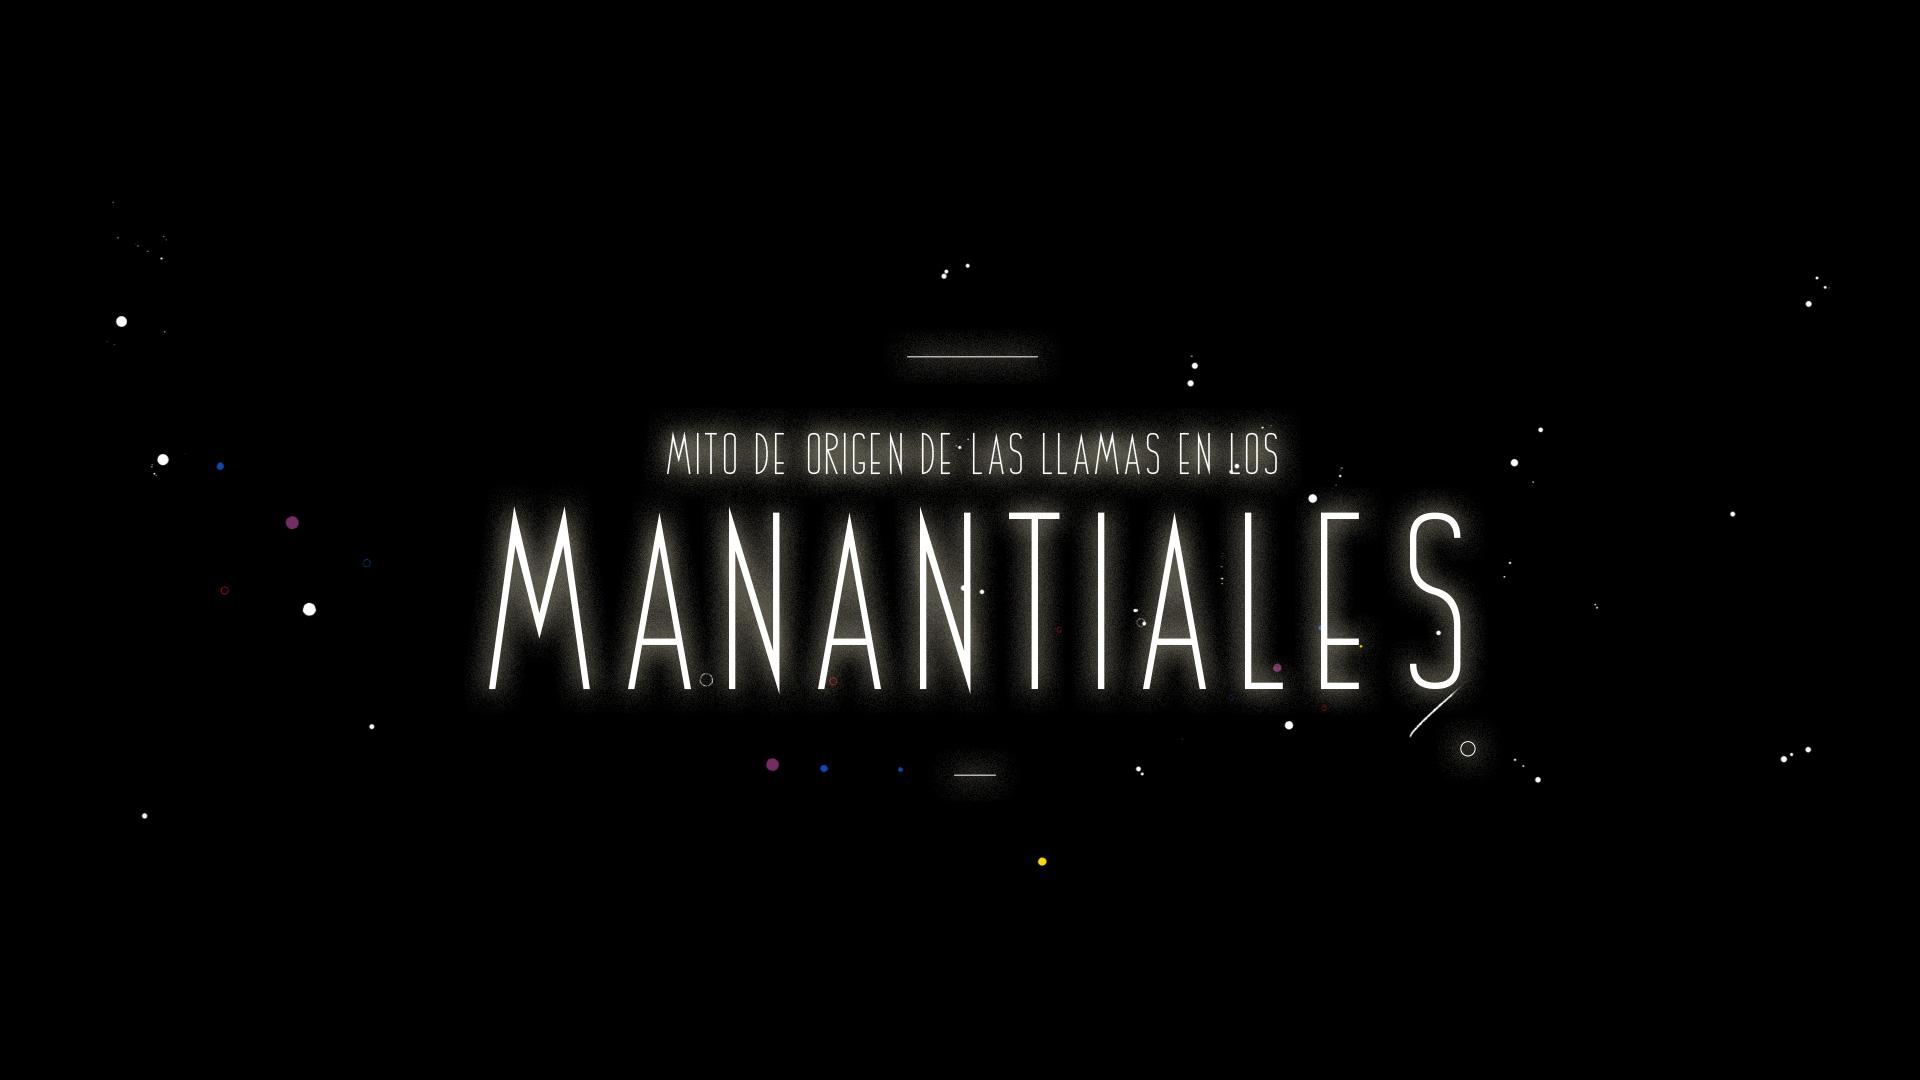 manantial00